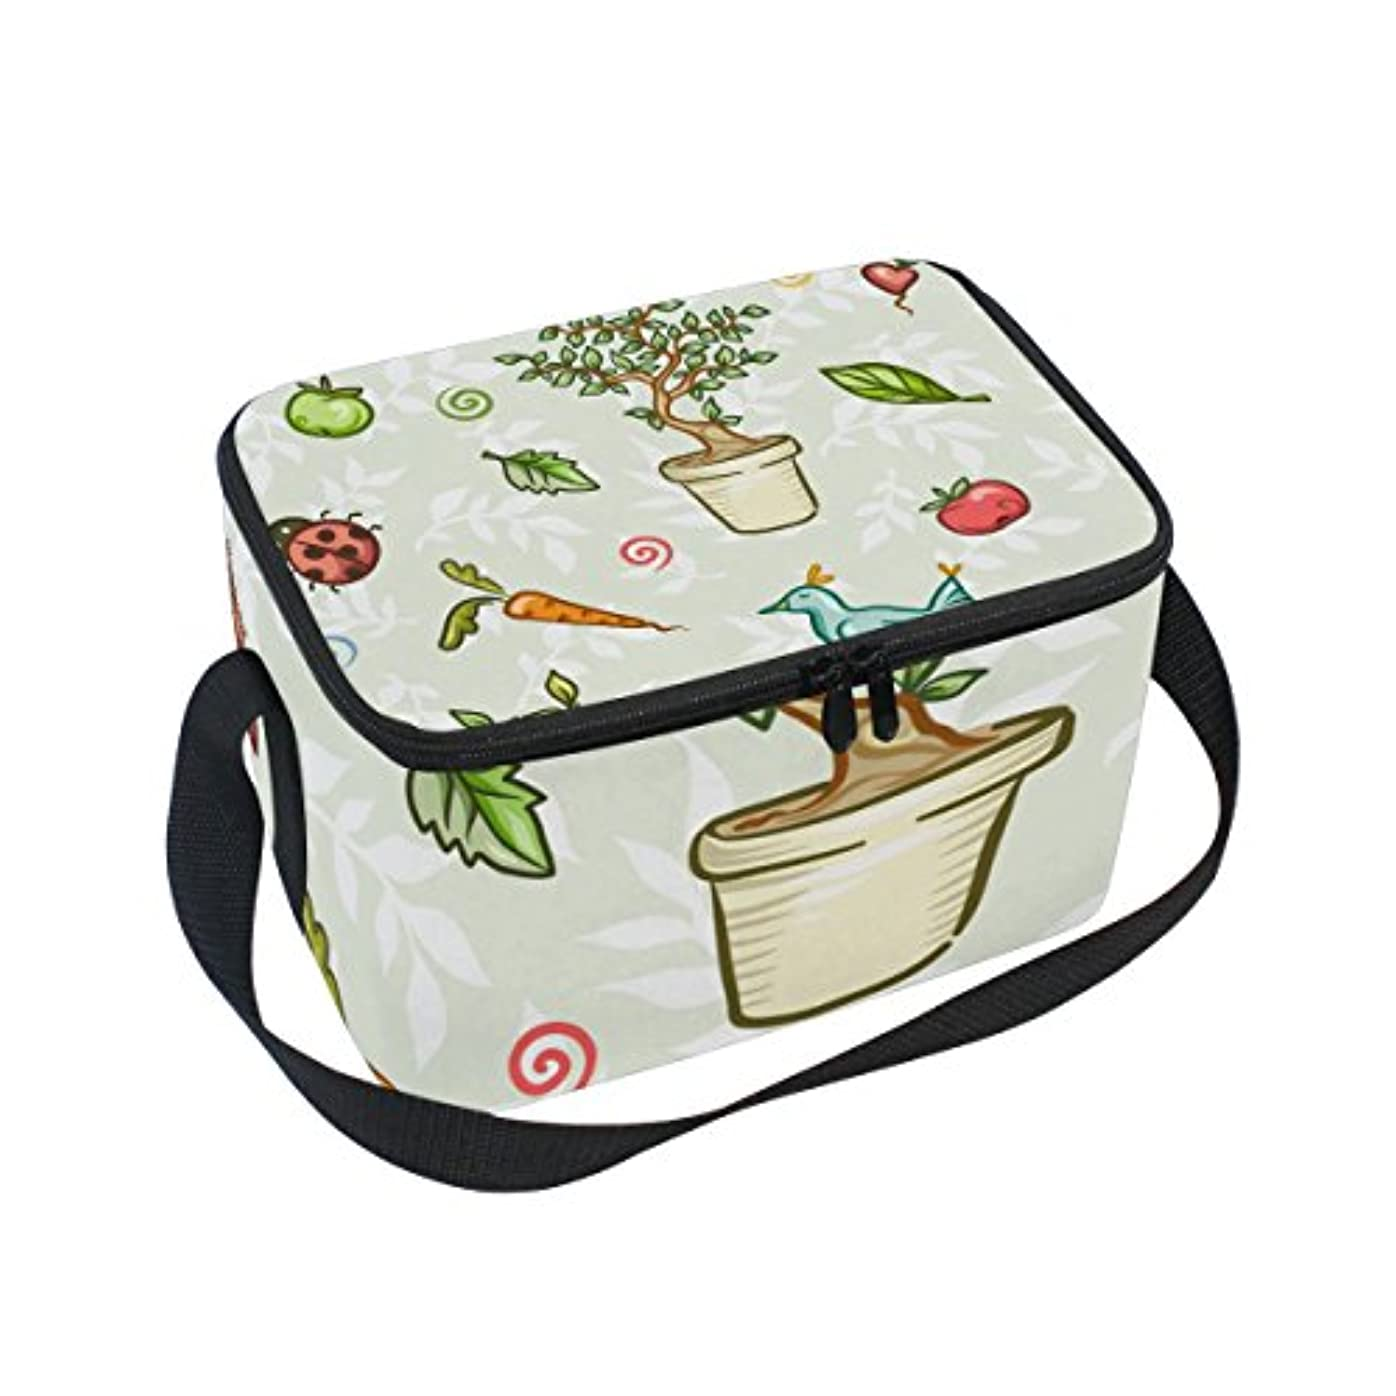 ごめんなさい軸群衆クーラーバッグ クーラーボックス ソフトクーラ 冷蔵ボックス キャンプ用品  植物柄 保冷保温 大容量 肩掛け お花見 アウトドア